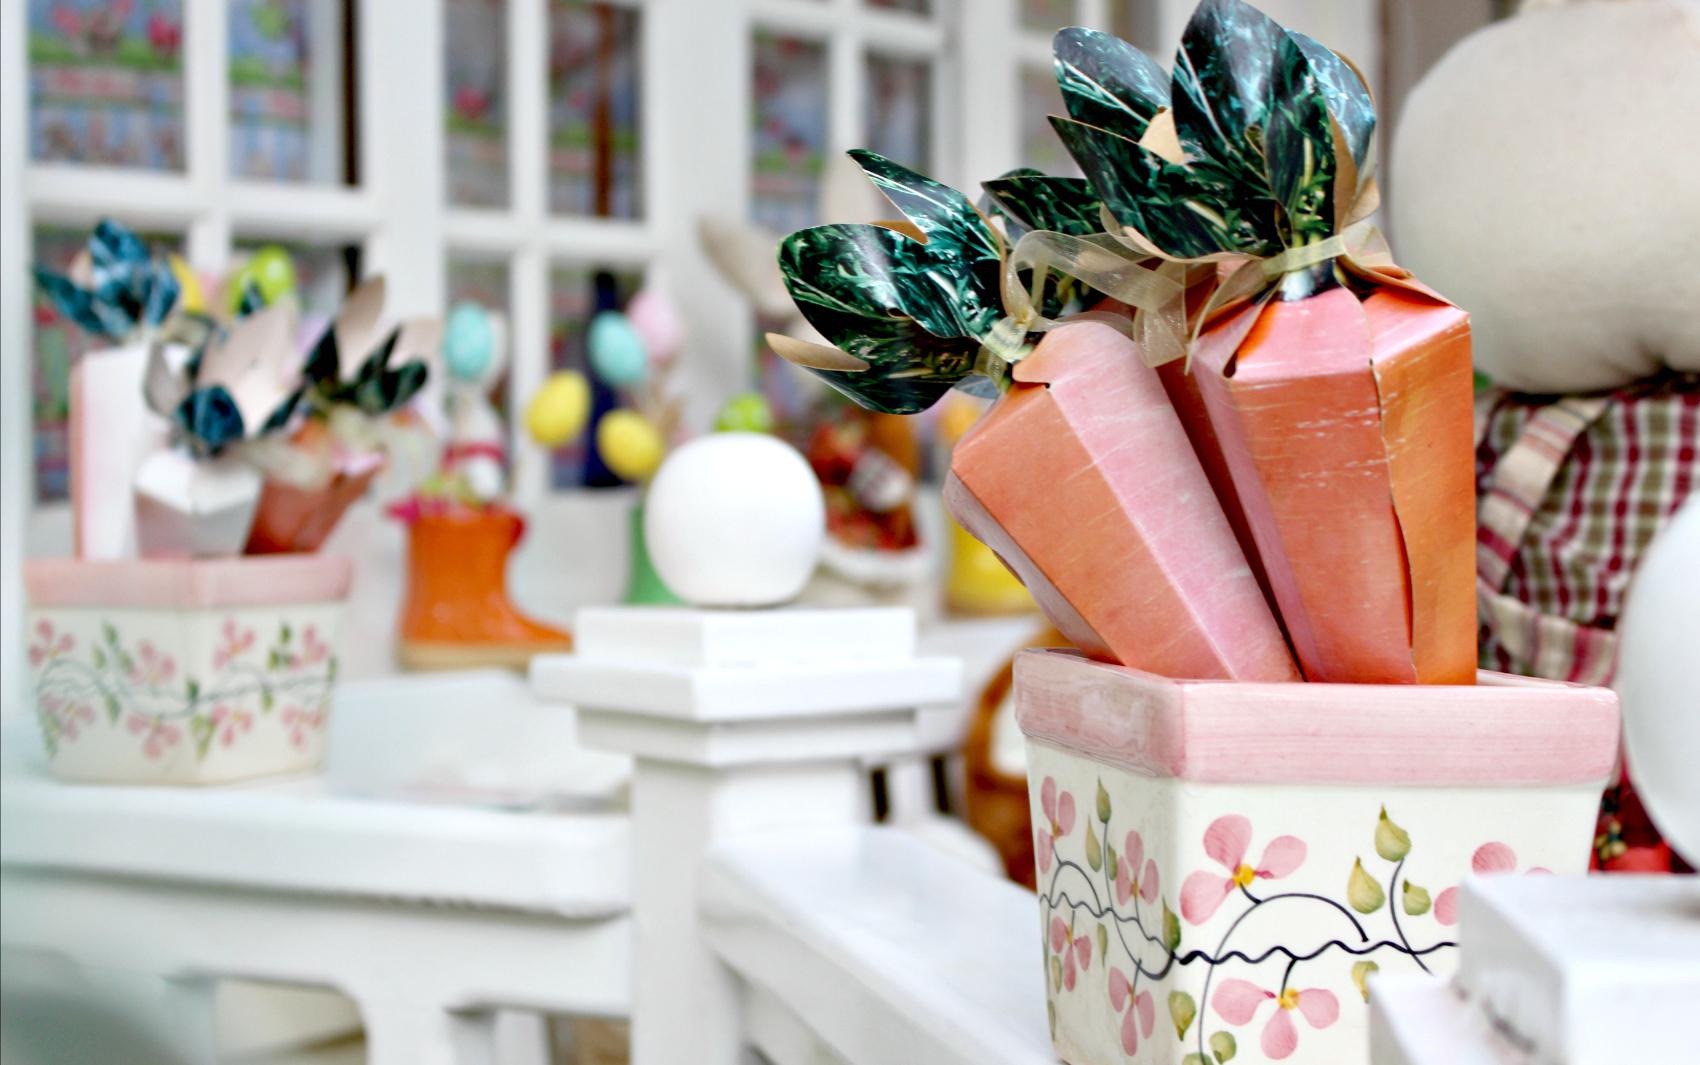 Veja as fotos da casa decorada em celebração à Páscoa em Campo Grande  fotos